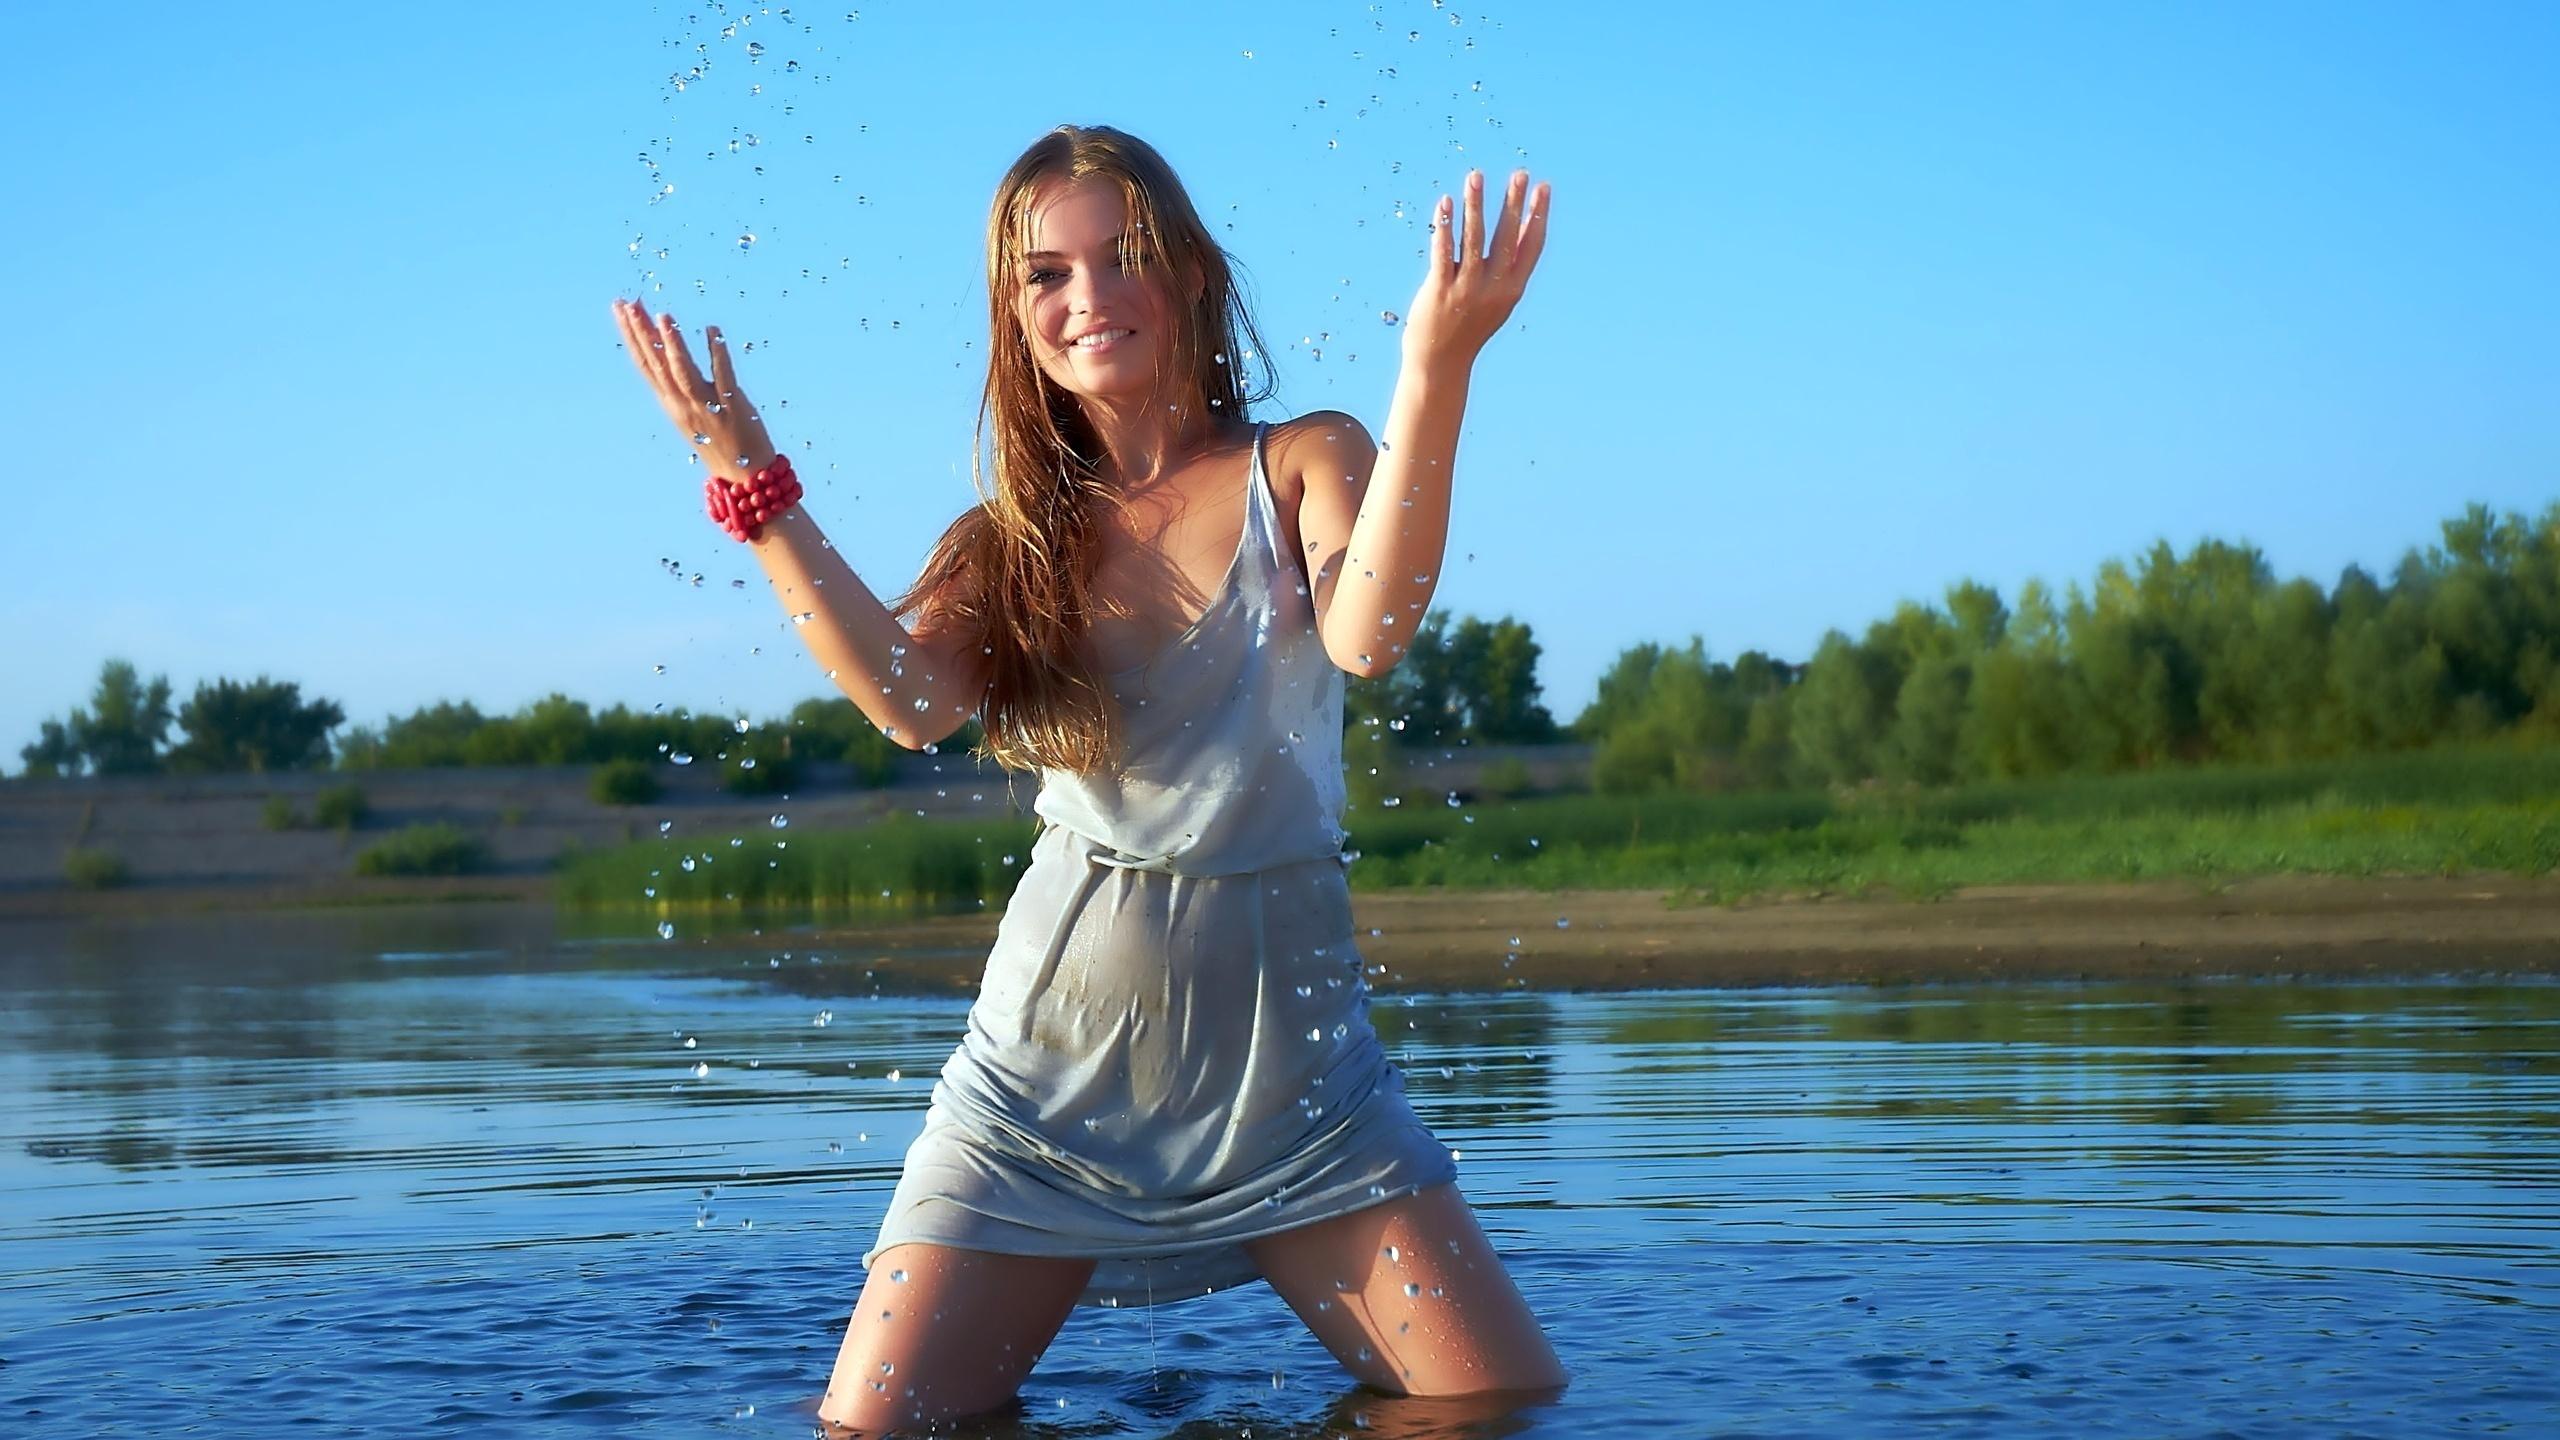 Секс в реке русский, Порно На природе -видео. Смотреть порно онлайн! 1 фотография